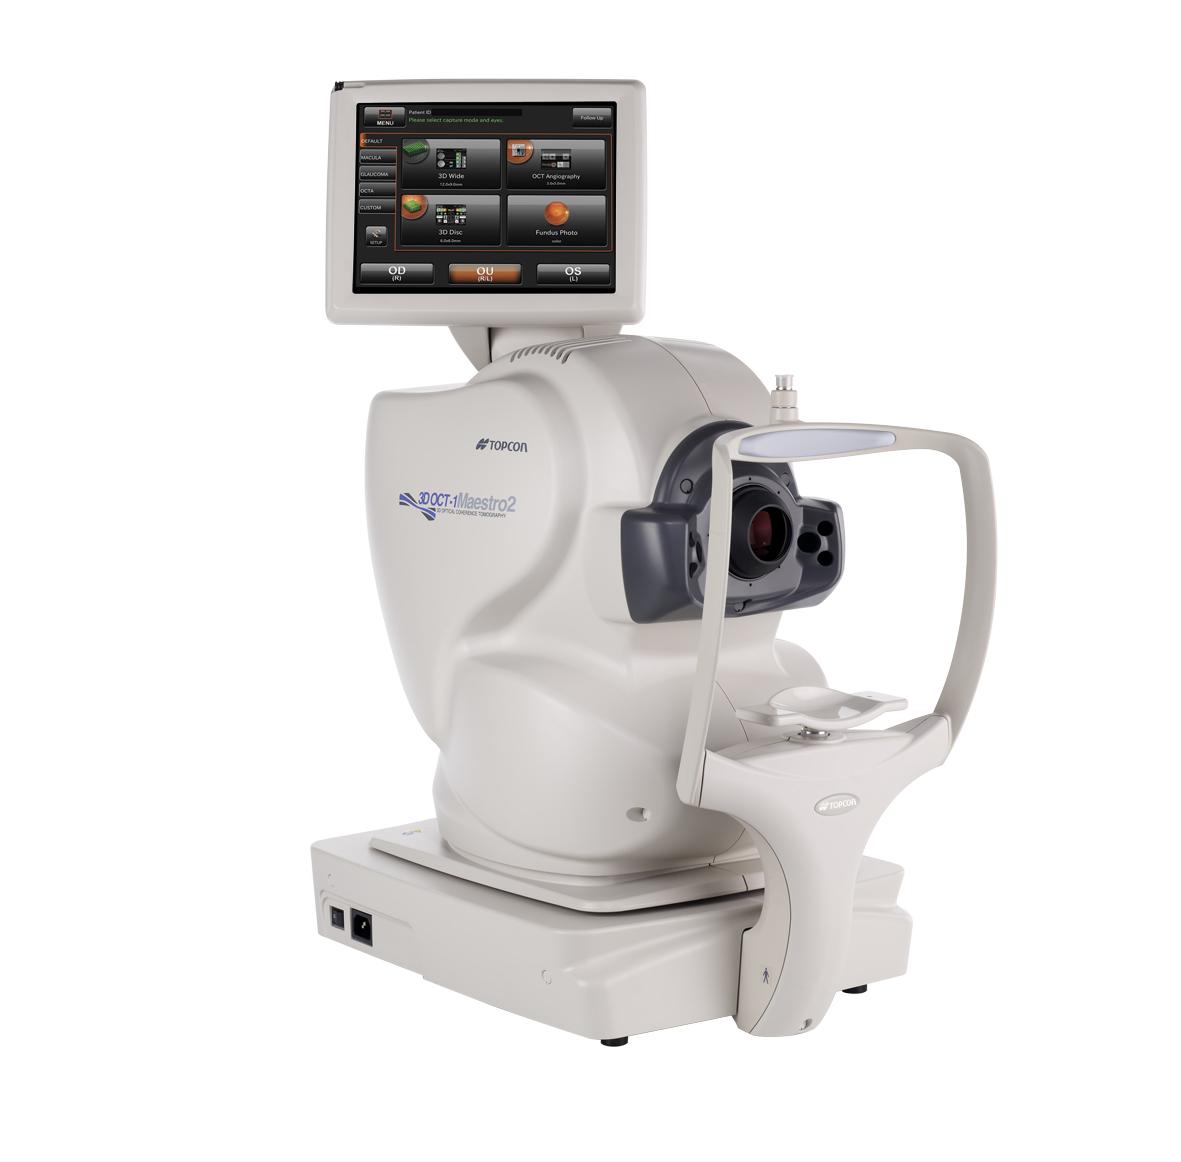 3D OCT-1 Typ:  Maestro2